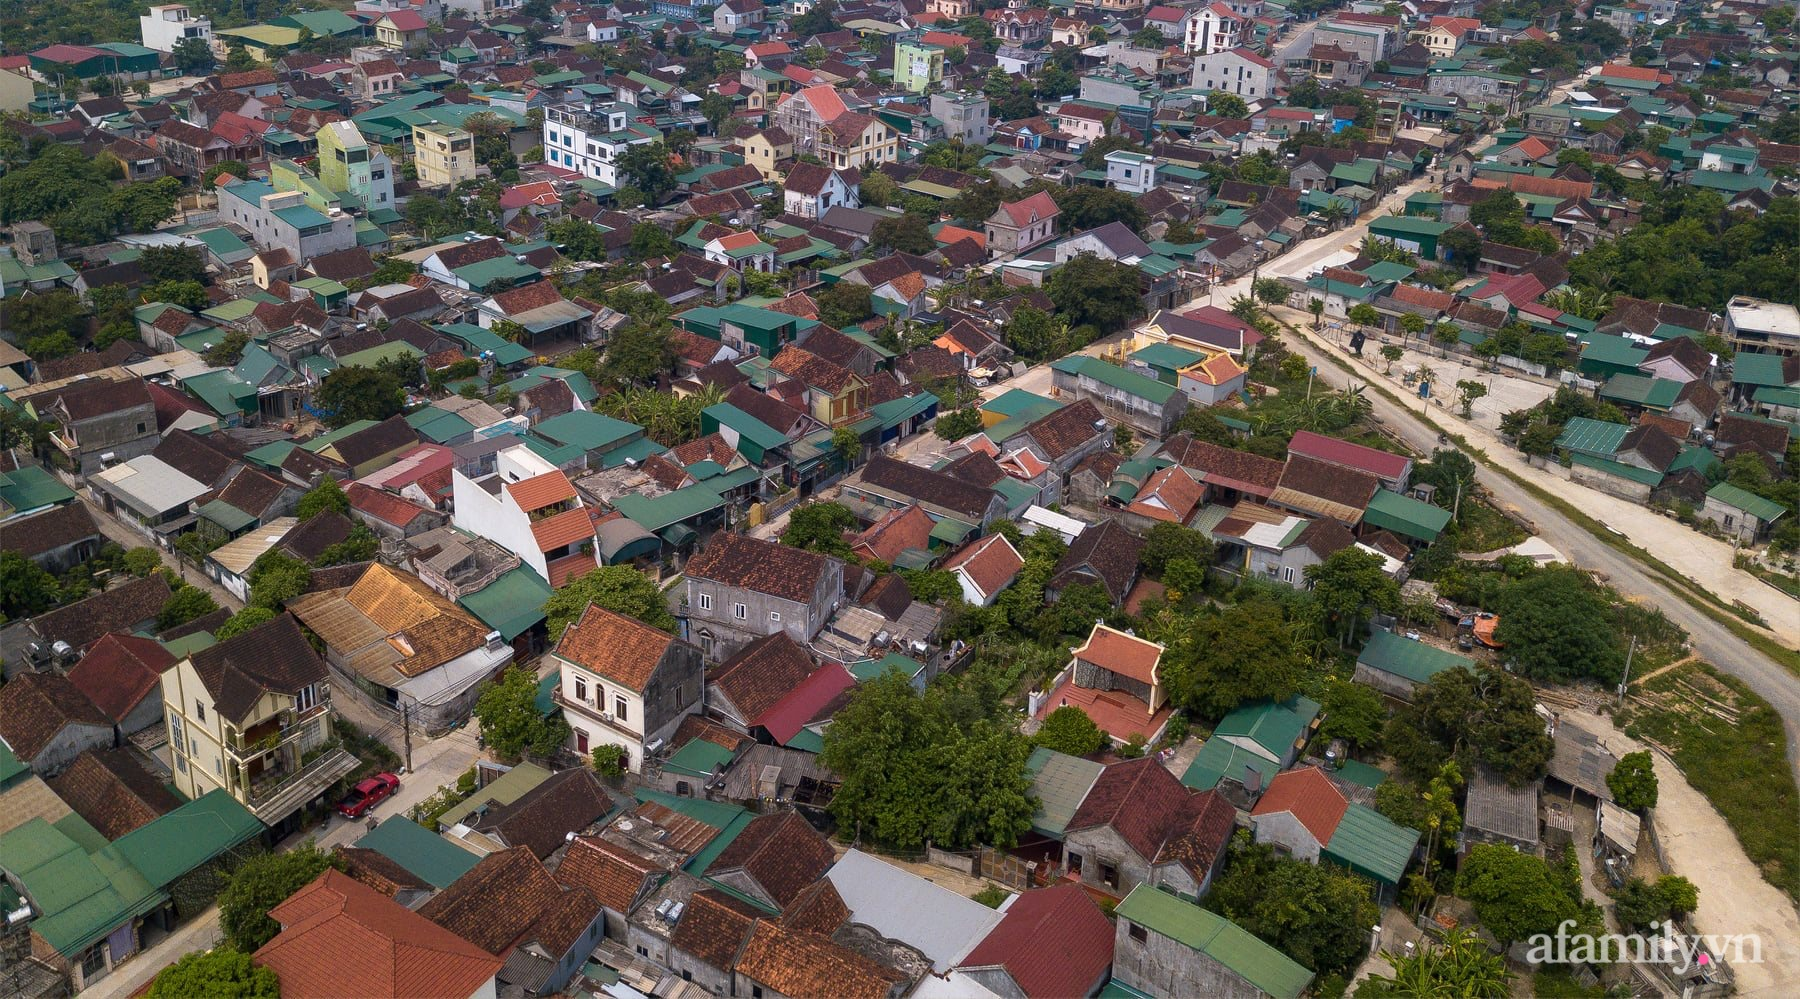 Ngôi nhà ngói gói gọn bình yên với những tiện nghi và hiện đại ở thị trấn nông thôn Nghệ An - Ảnh 1.